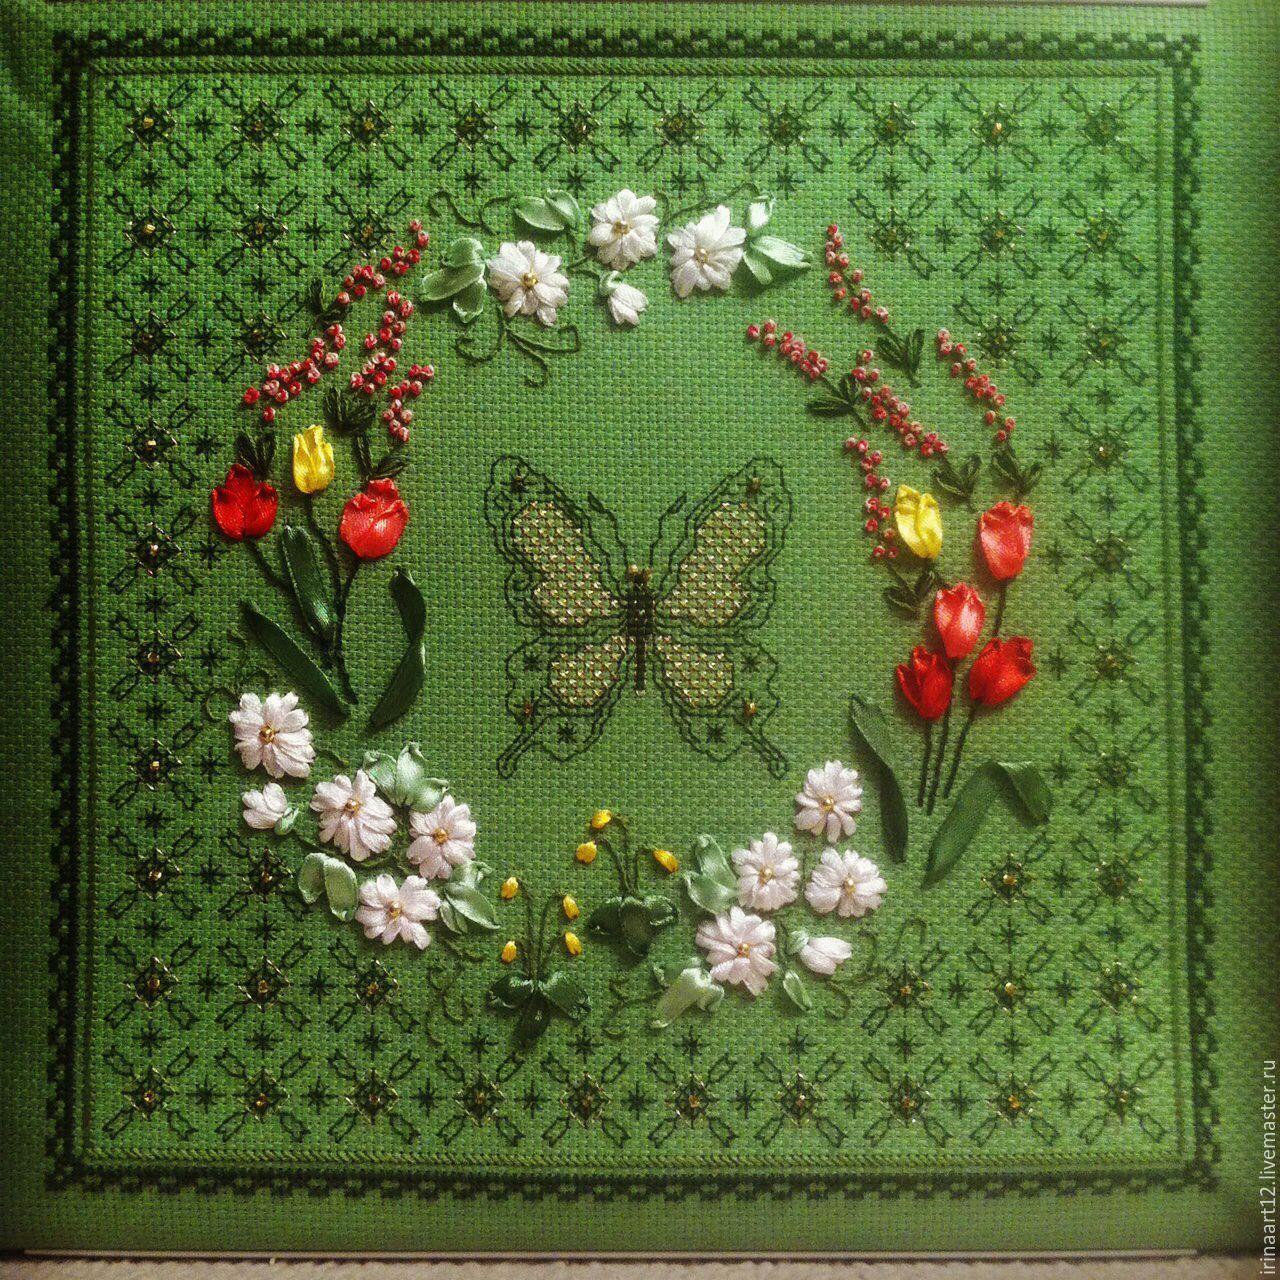 Комбинированная вышивка бисер и крест